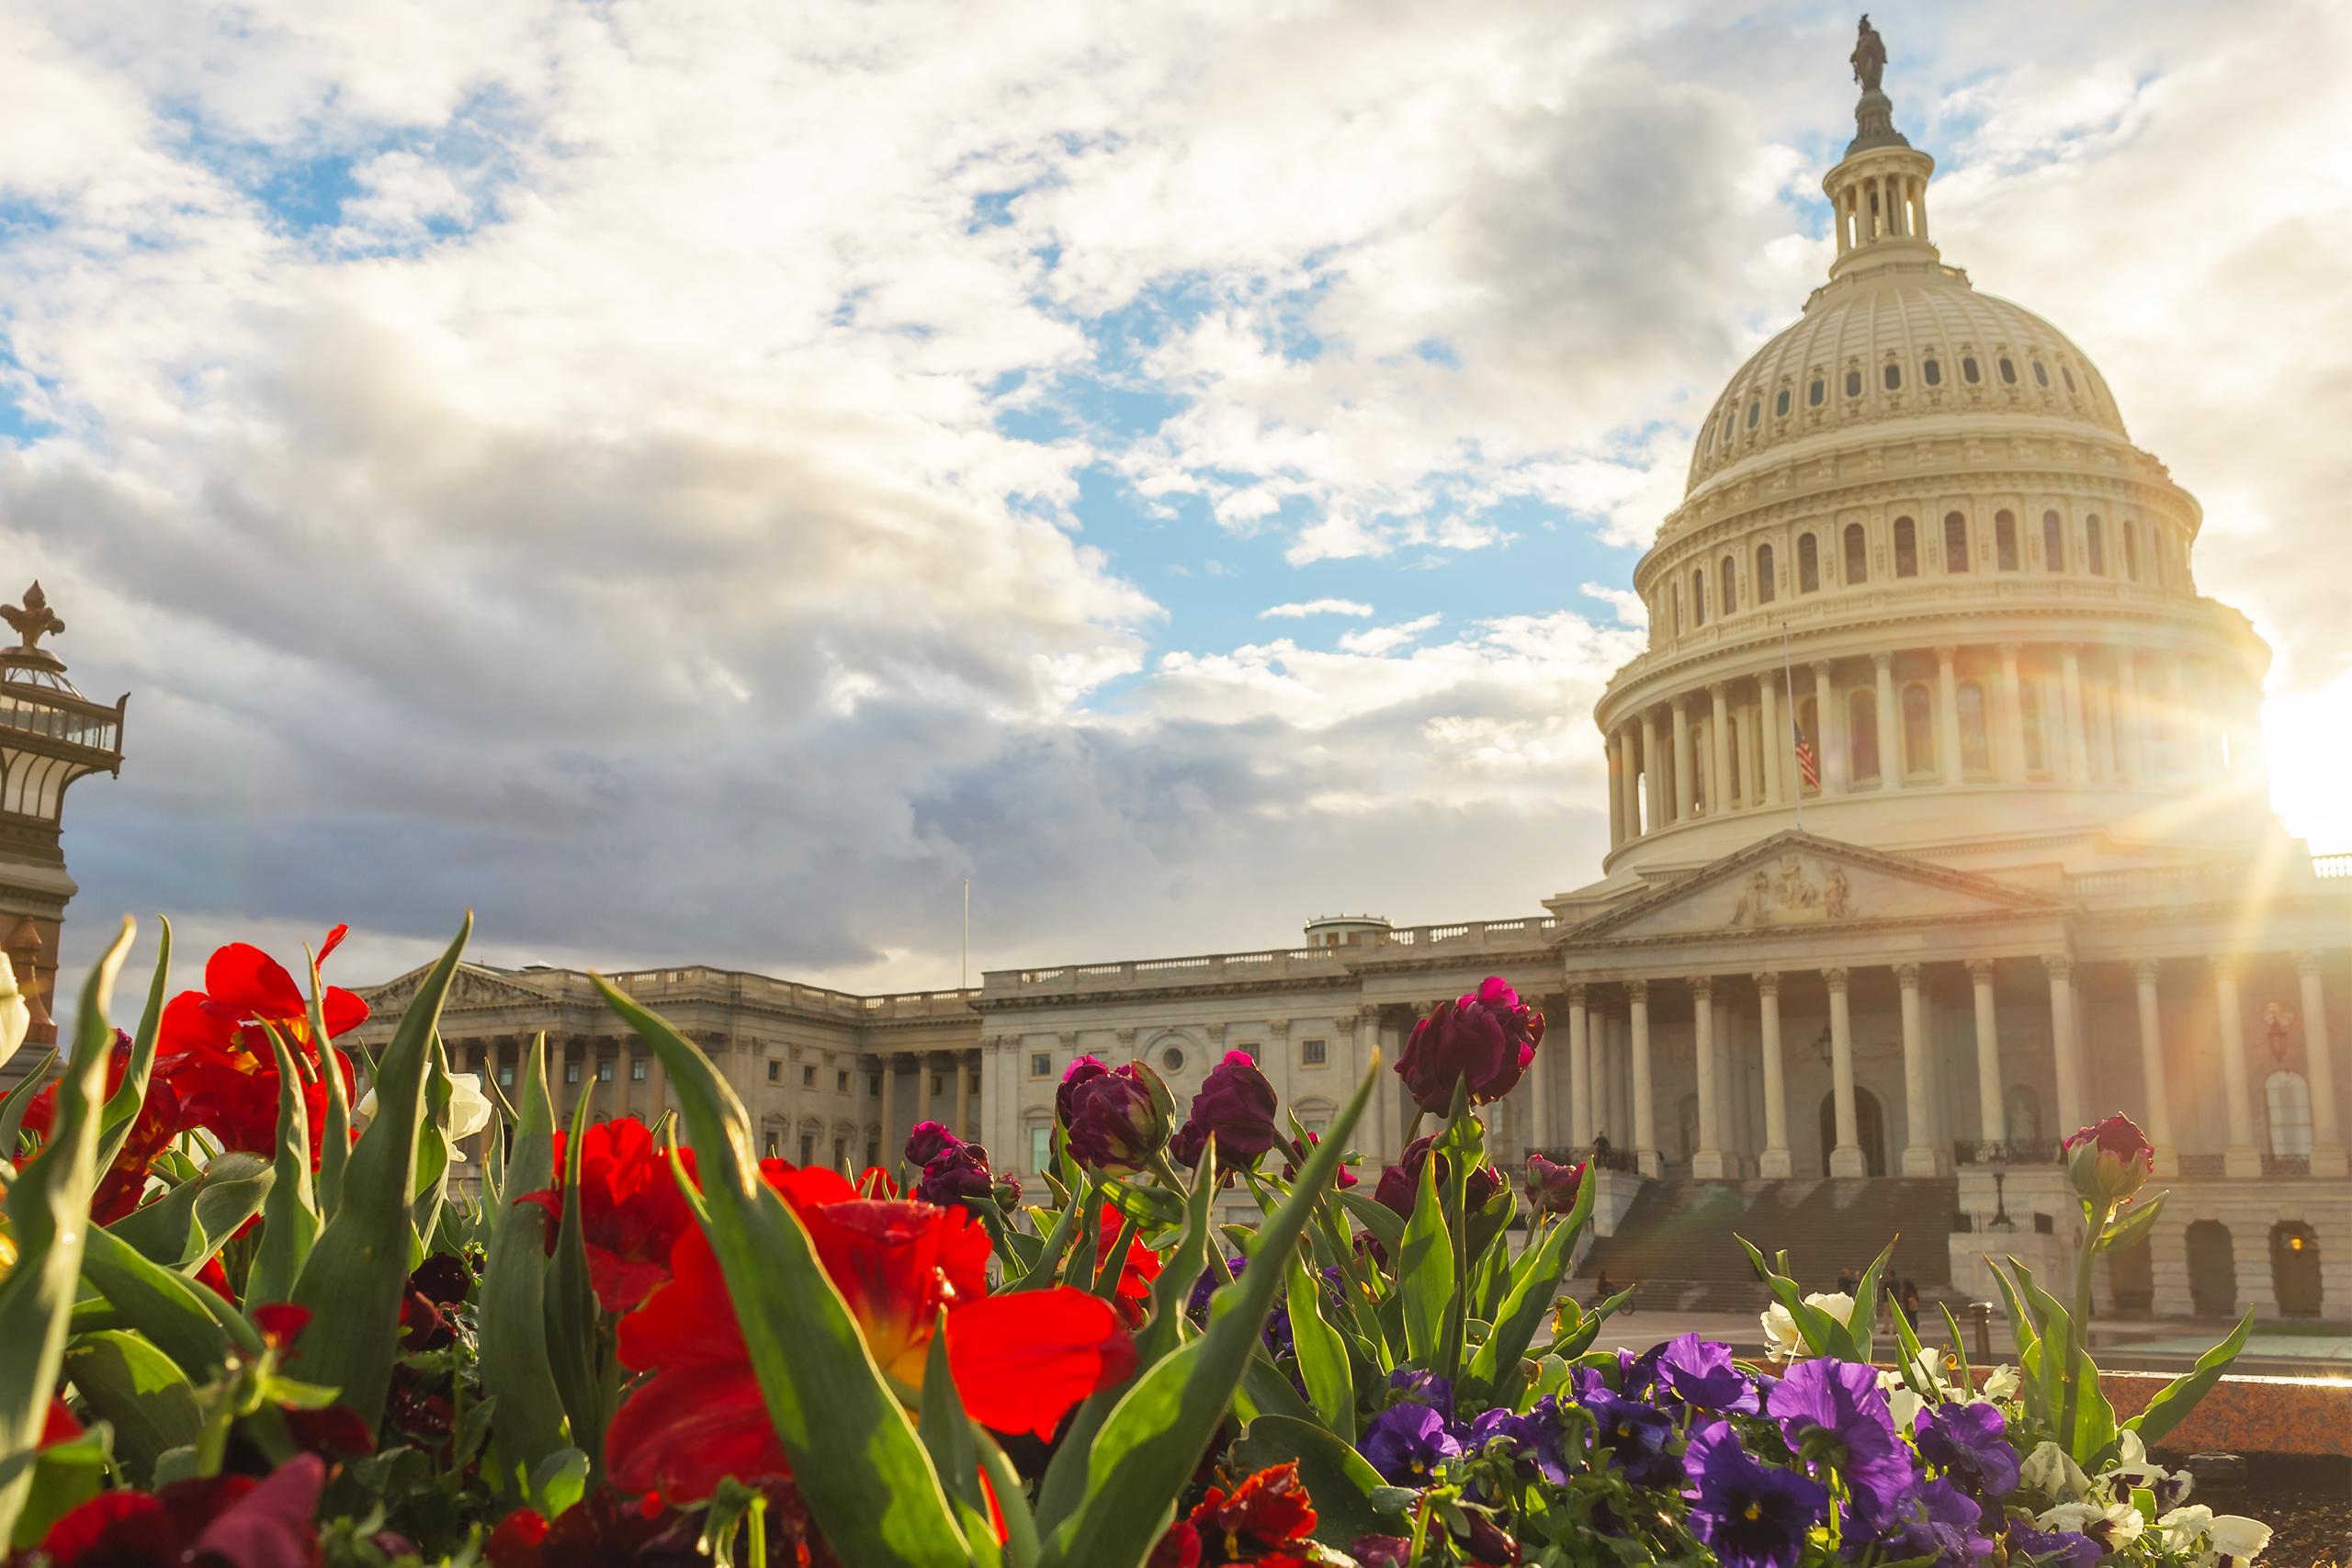 DIA in Washington DC